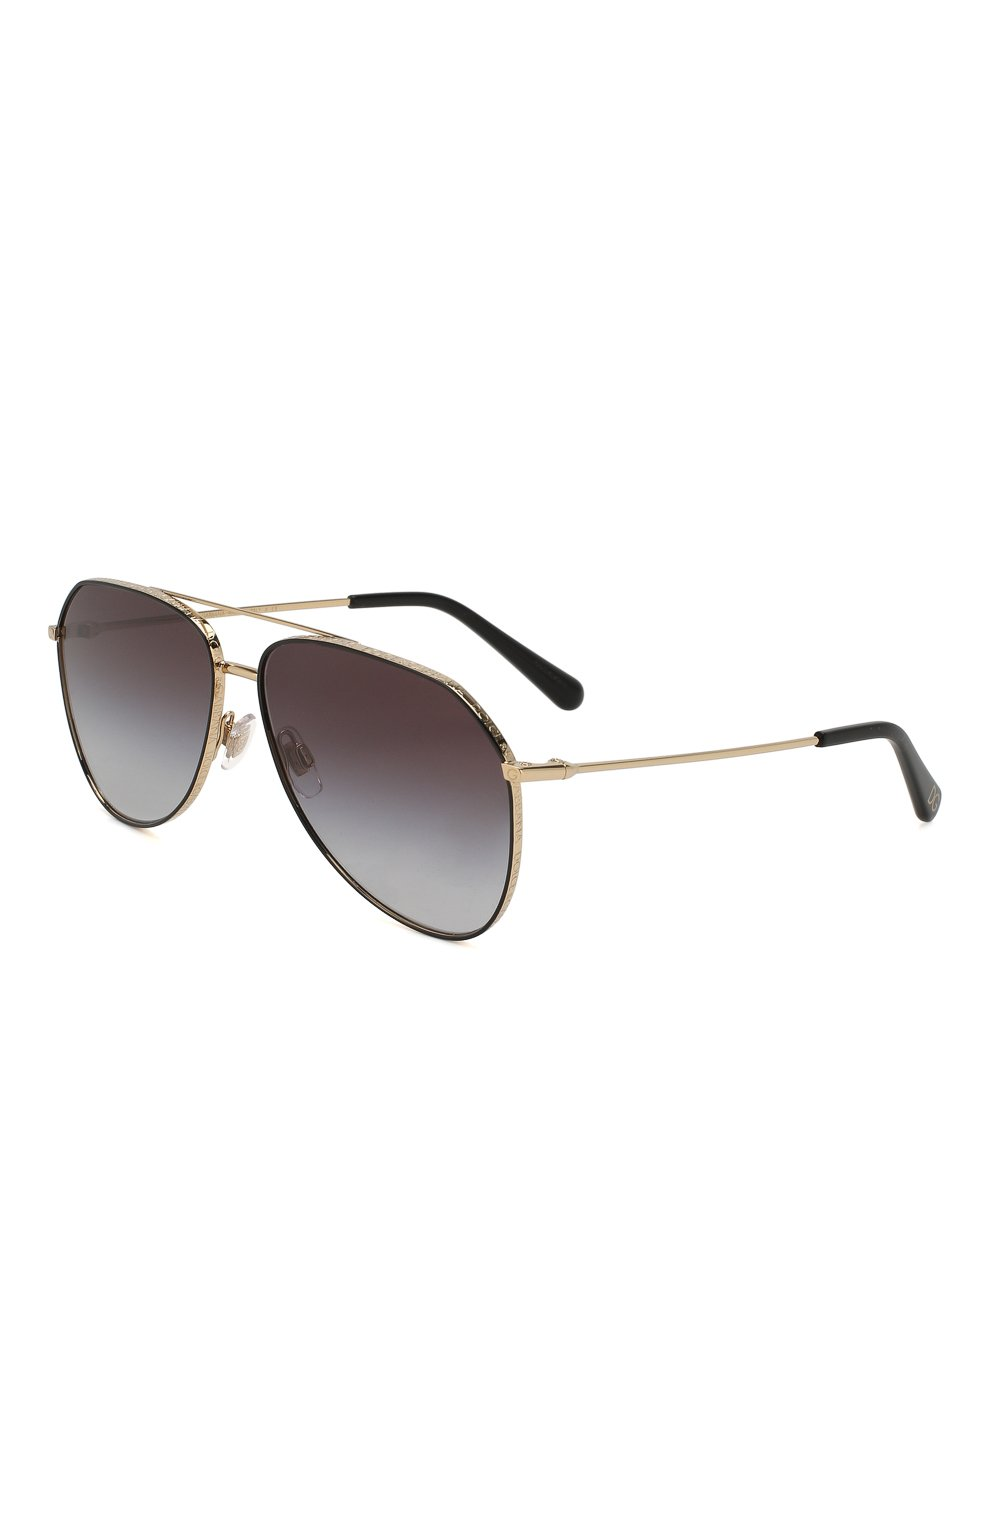 Женские солнцезащитные очки DOLCE & GABBANA золотого цвета, арт. 2244-13348G | Фото 1